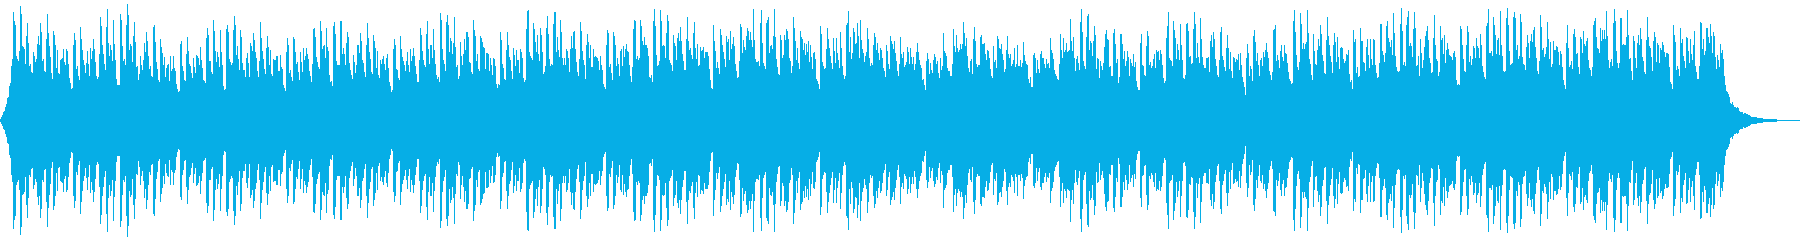 現代的 交響曲 アンビエント コー...の再生済みの波形